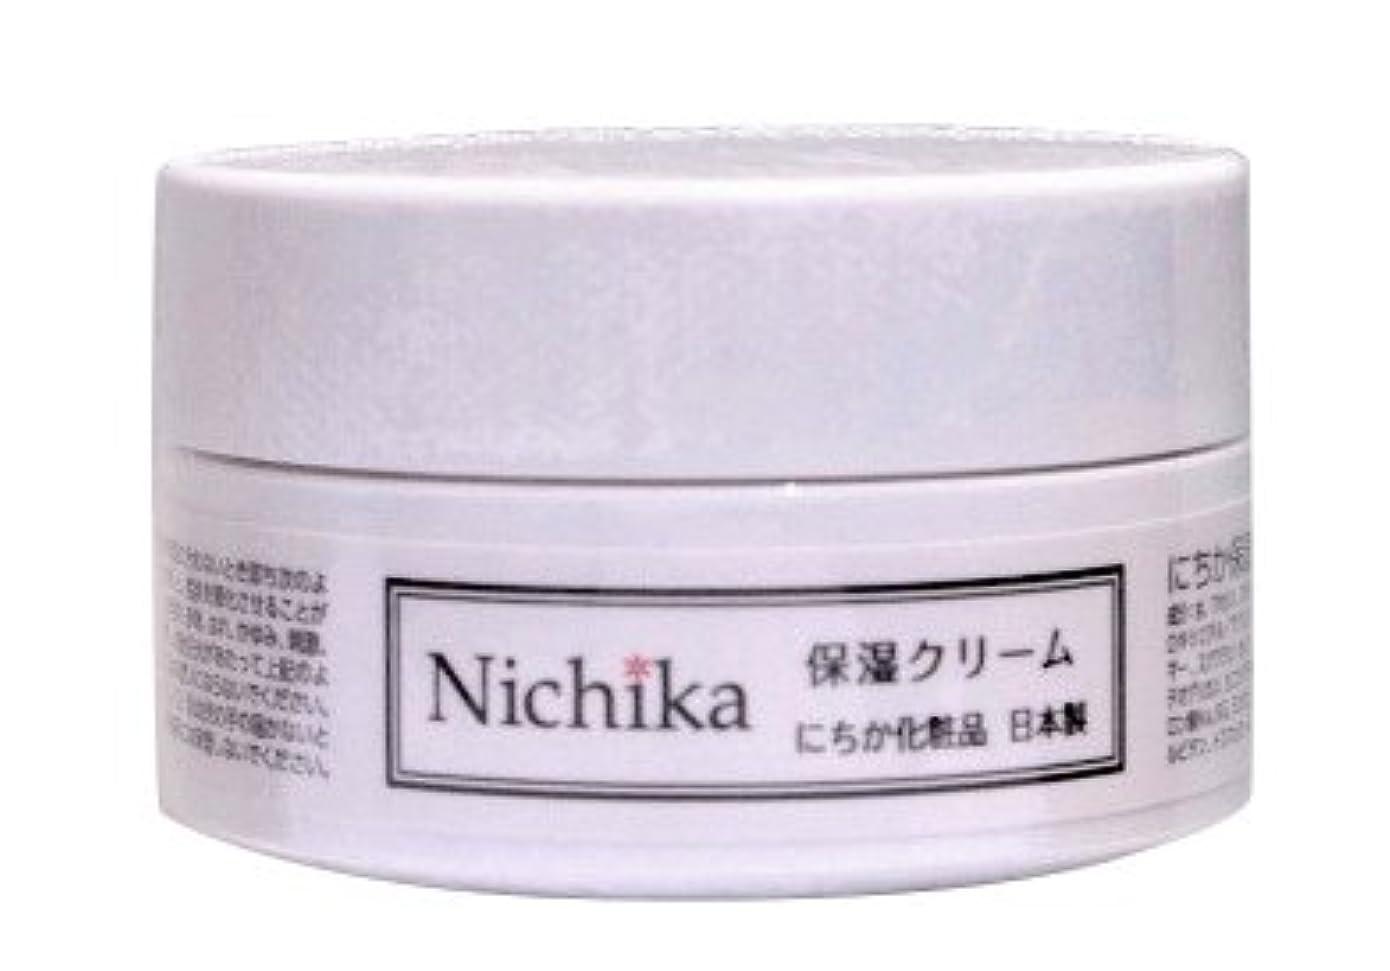 中級拷問複製するにちか保湿クリーム  内容量30g 日本製  『ワンランク上の潤いハリ肌』を『リーズナブル』に。  ヒアルロン酸の1.3倍の保水力があるプロテオグリカン配合。 しっとりなじみ,成分がじんわり角質層に浸透 お肌に「ふた」をして...